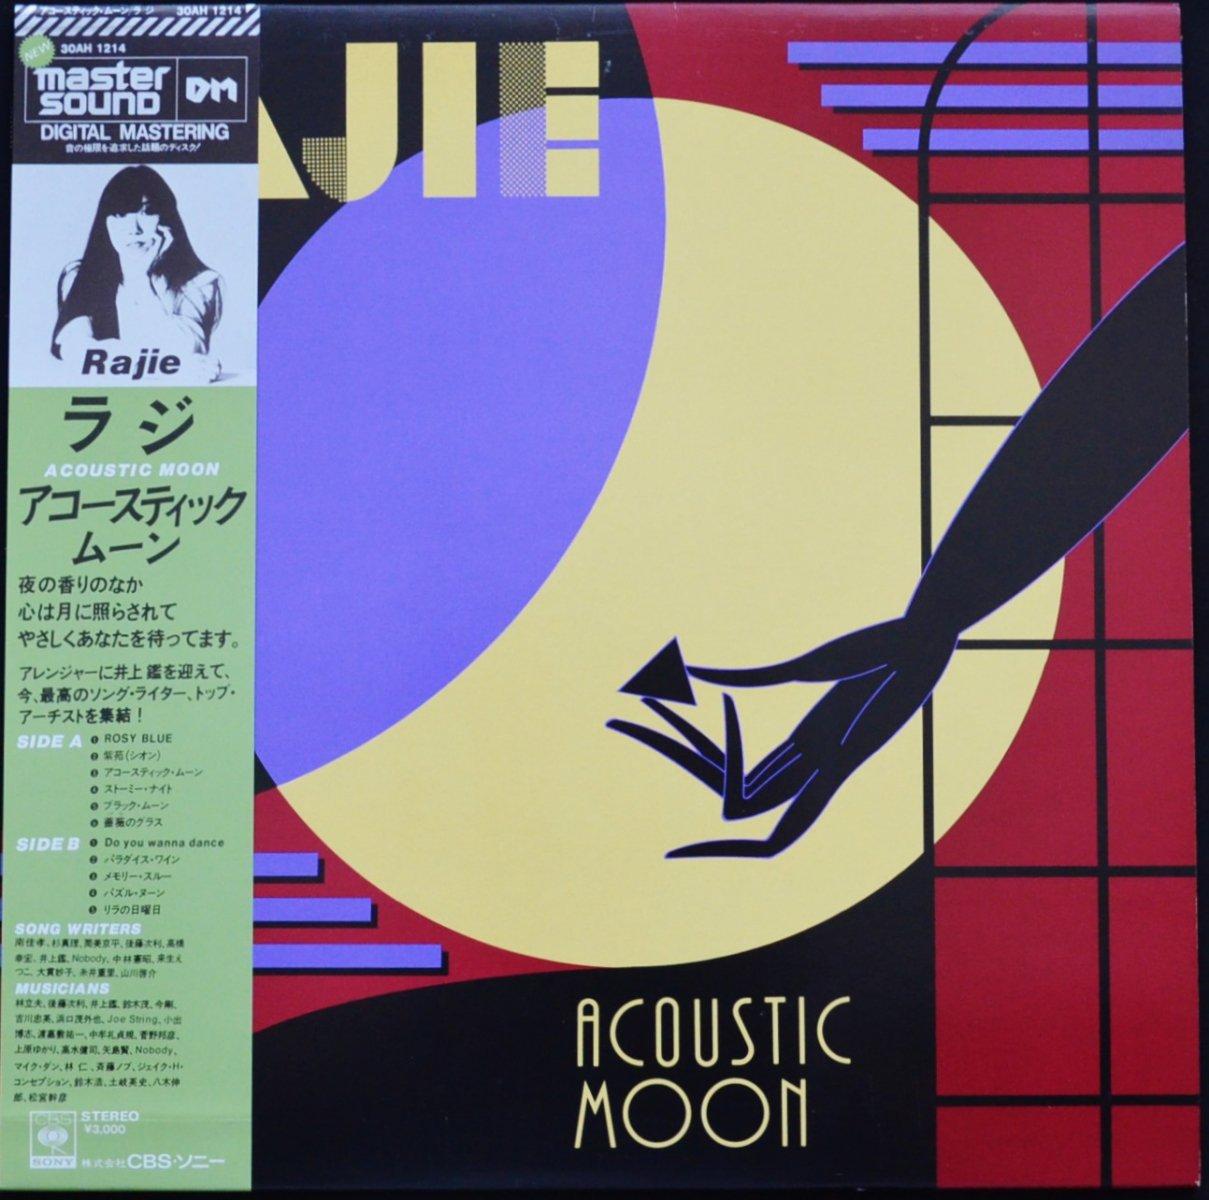 ラジ RAJIE / アコースティック・ムーン ACOUSTIC MOON (LP)